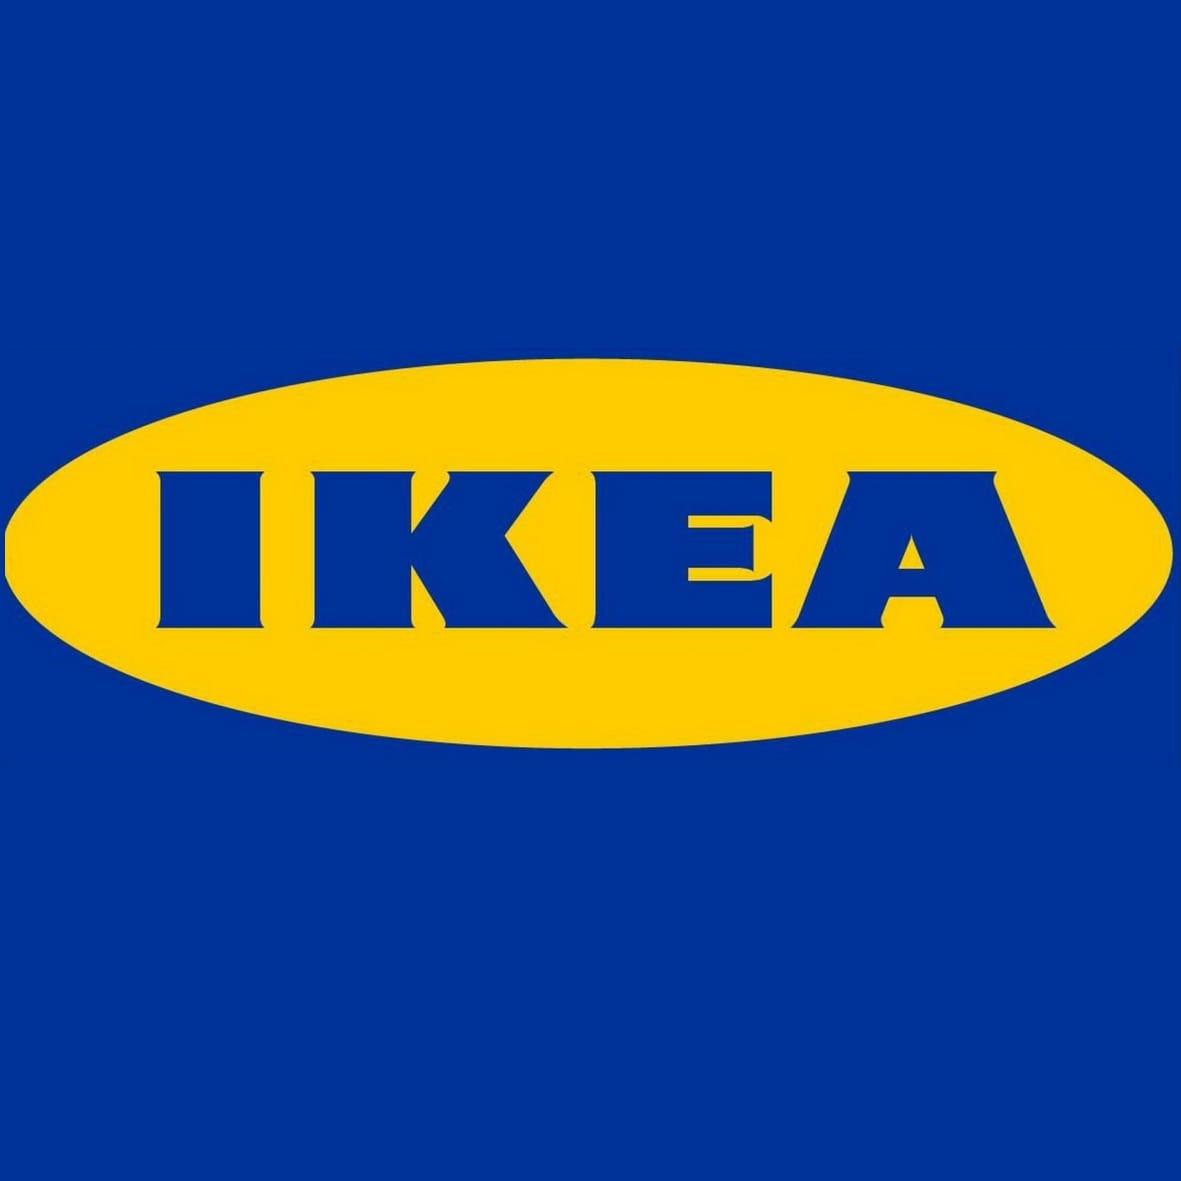 【会员福利】IKEA/宜家 5月优惠上线上线:柜子、地毯、杯子、花草… 实用又划算!